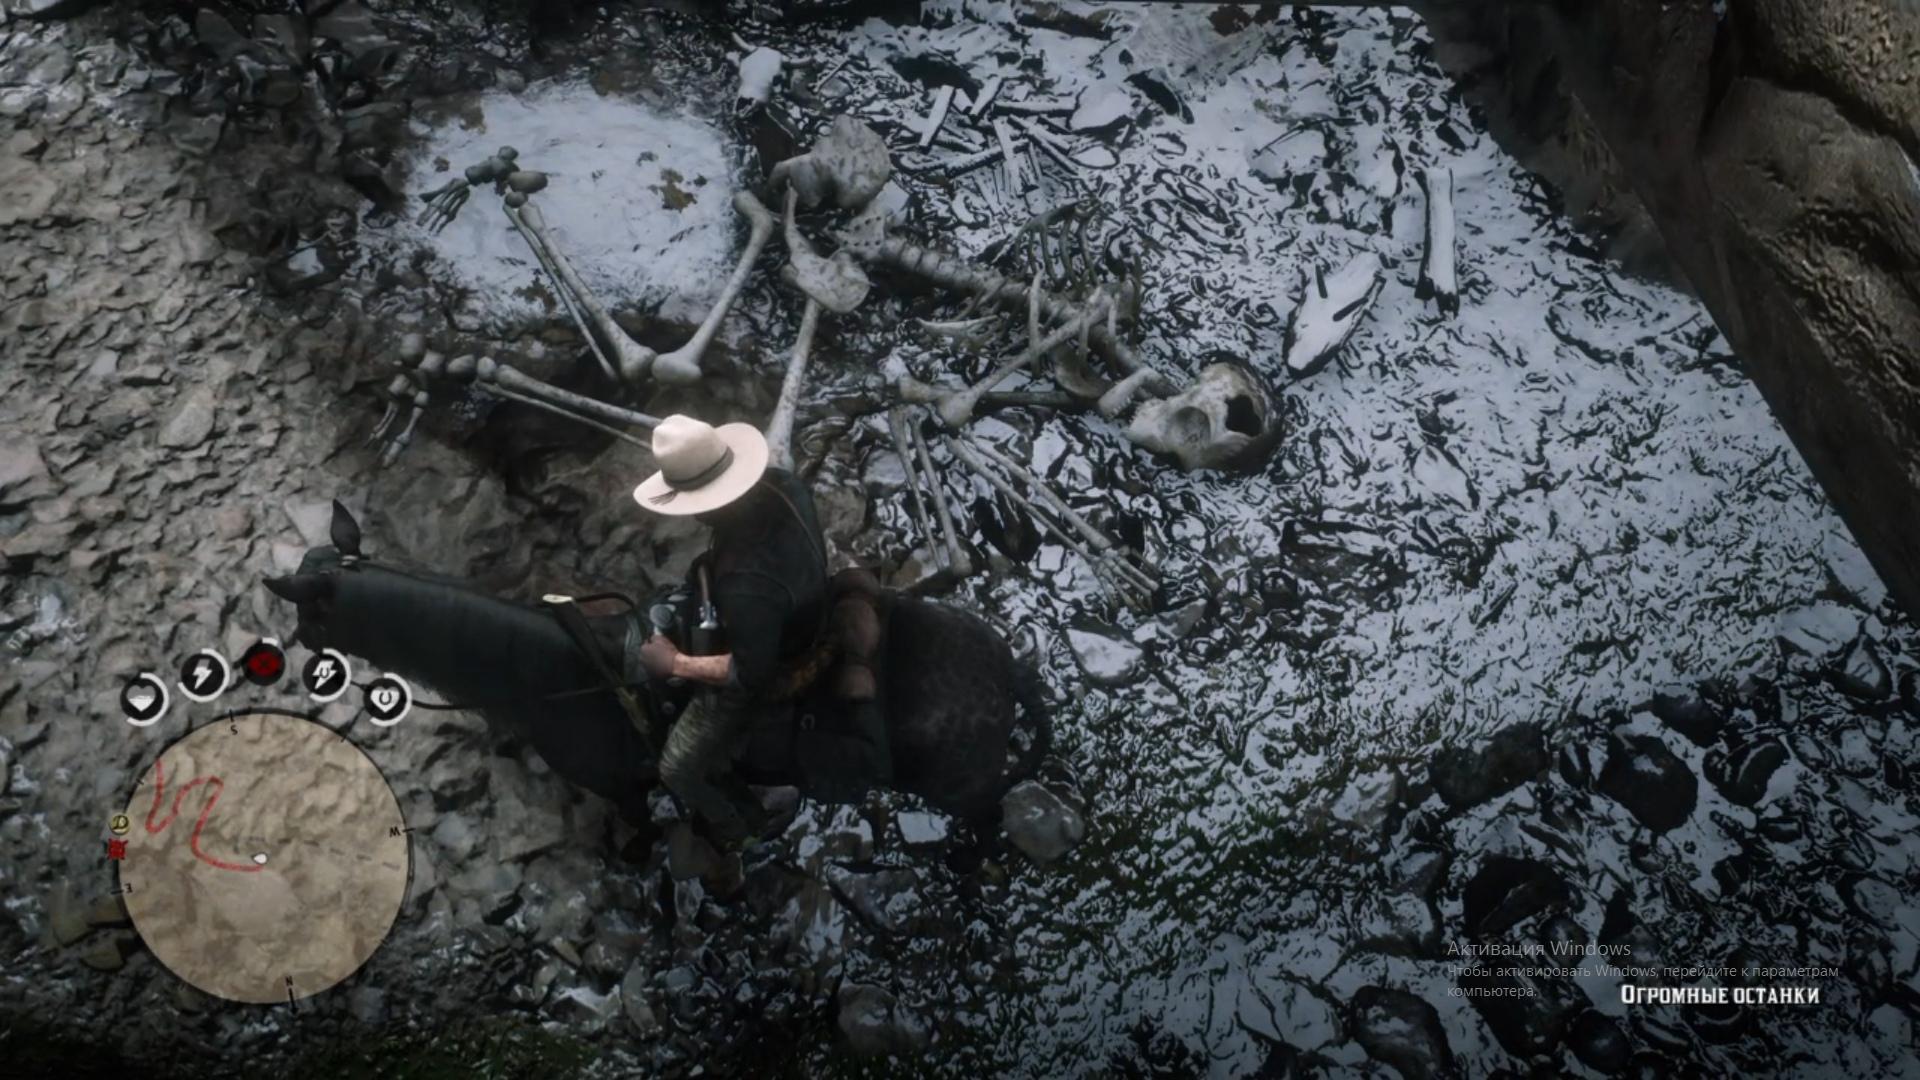 Встреча в горах - Red Dead Redemption 2